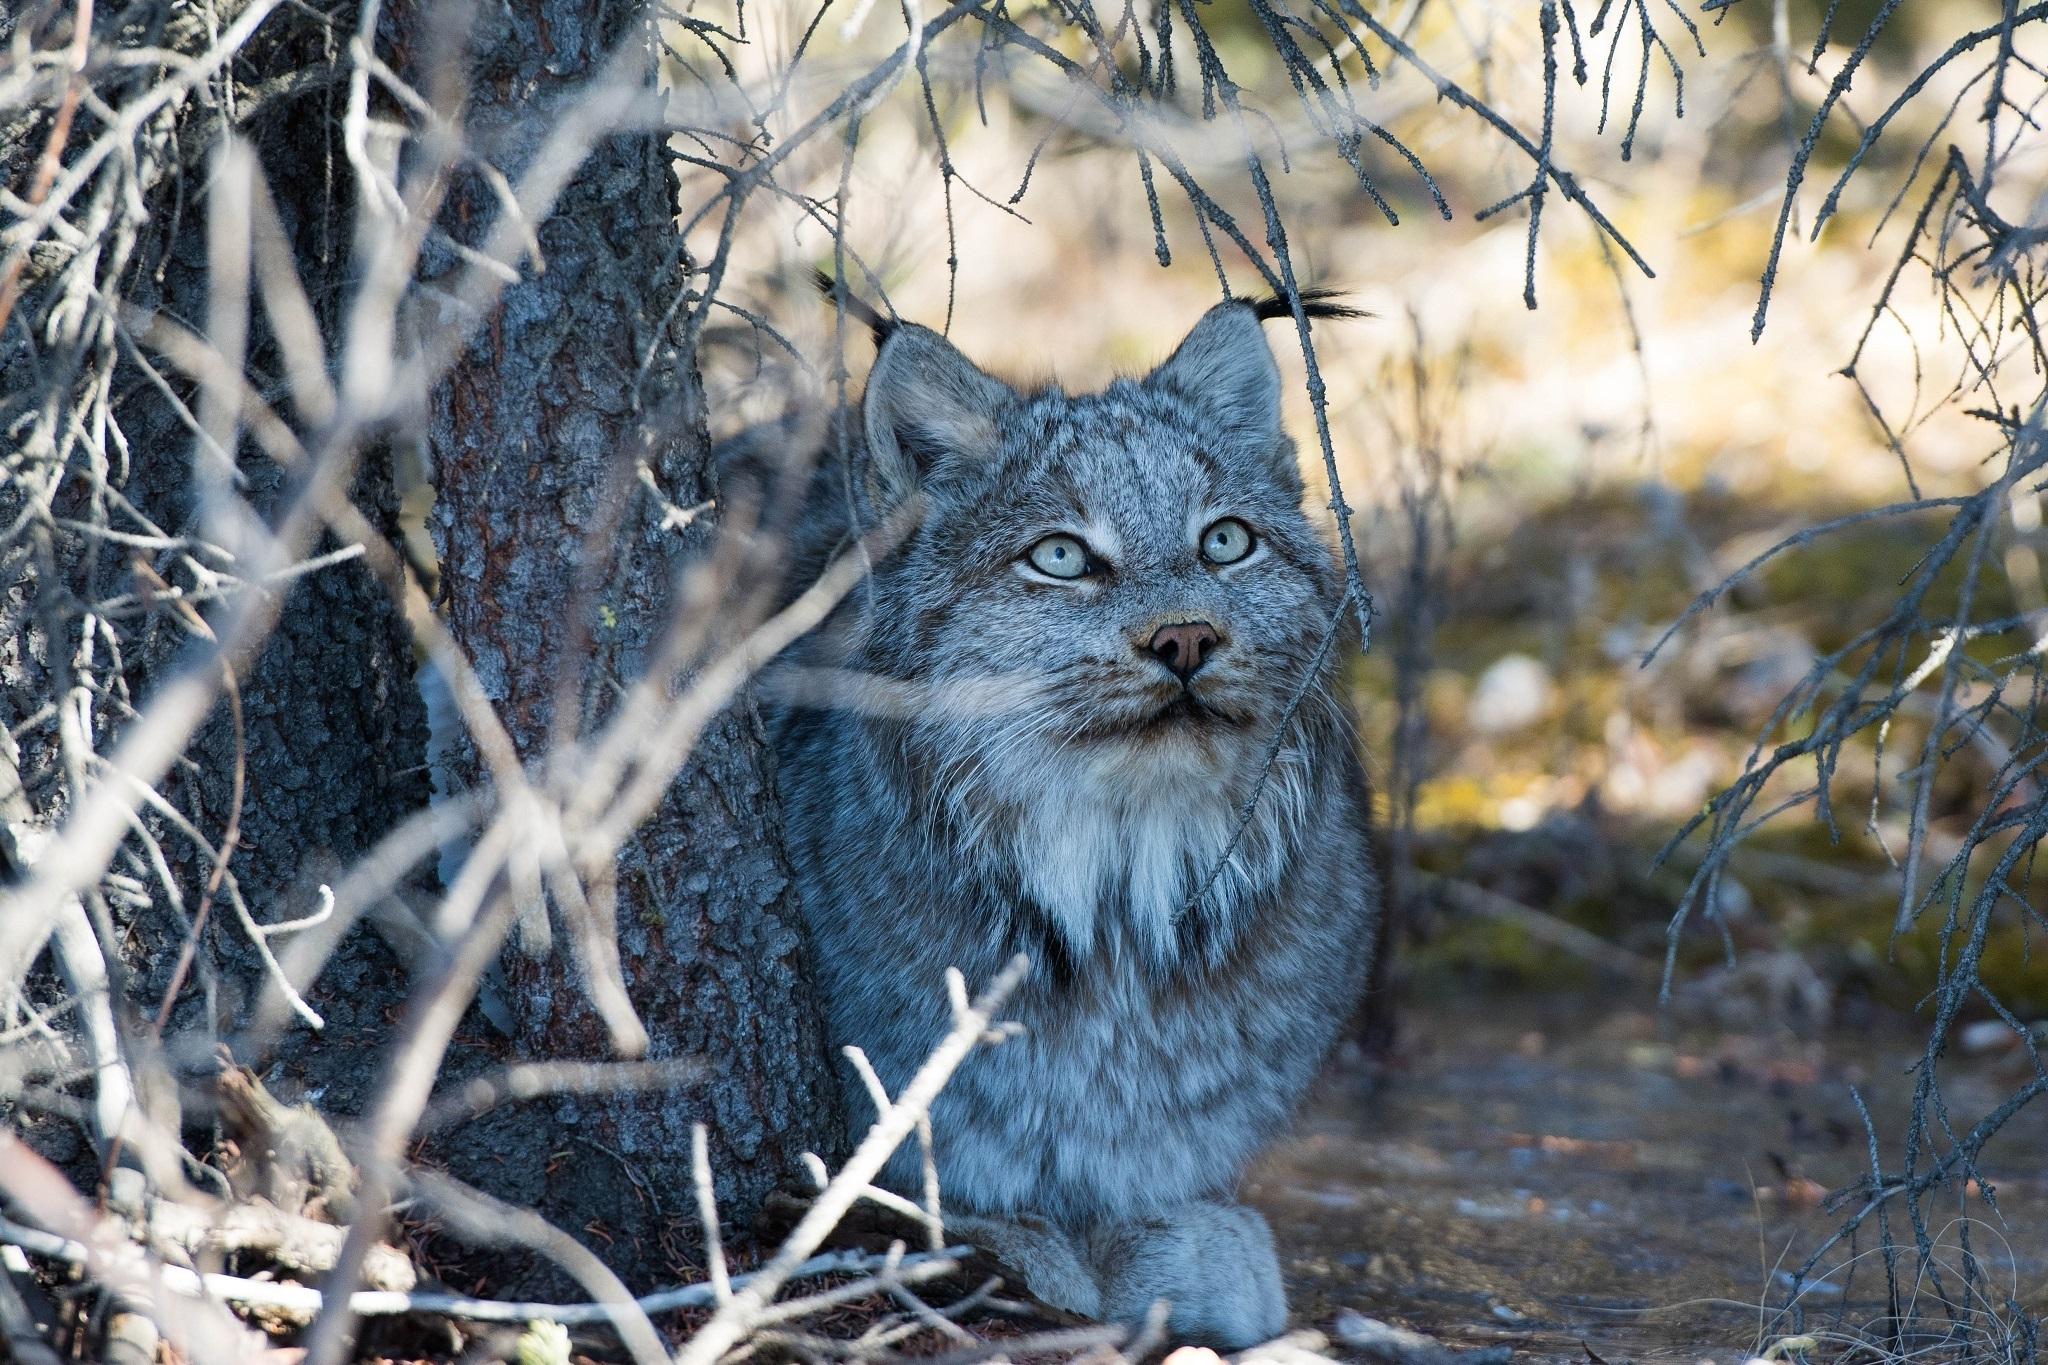 природа животные ветка деревья рысь nature animals branch trees lynx  № 559997 загрузить